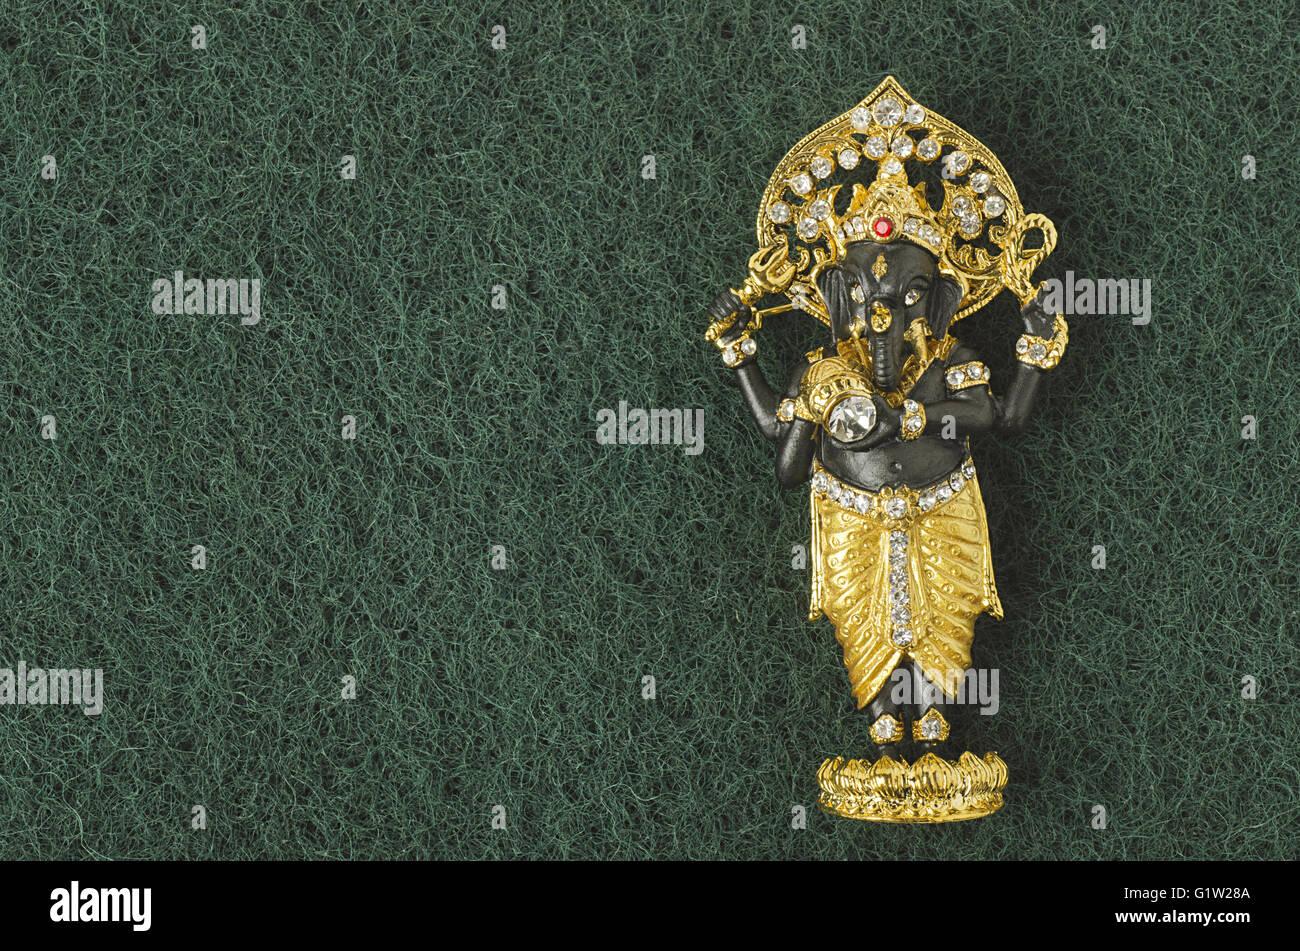 Kleines Idol (Miniatur) von Lord Ganesha mit dem Hintergrund des Grases, Studio gedreht, Pune, Maharashtra, Indien Stockbild